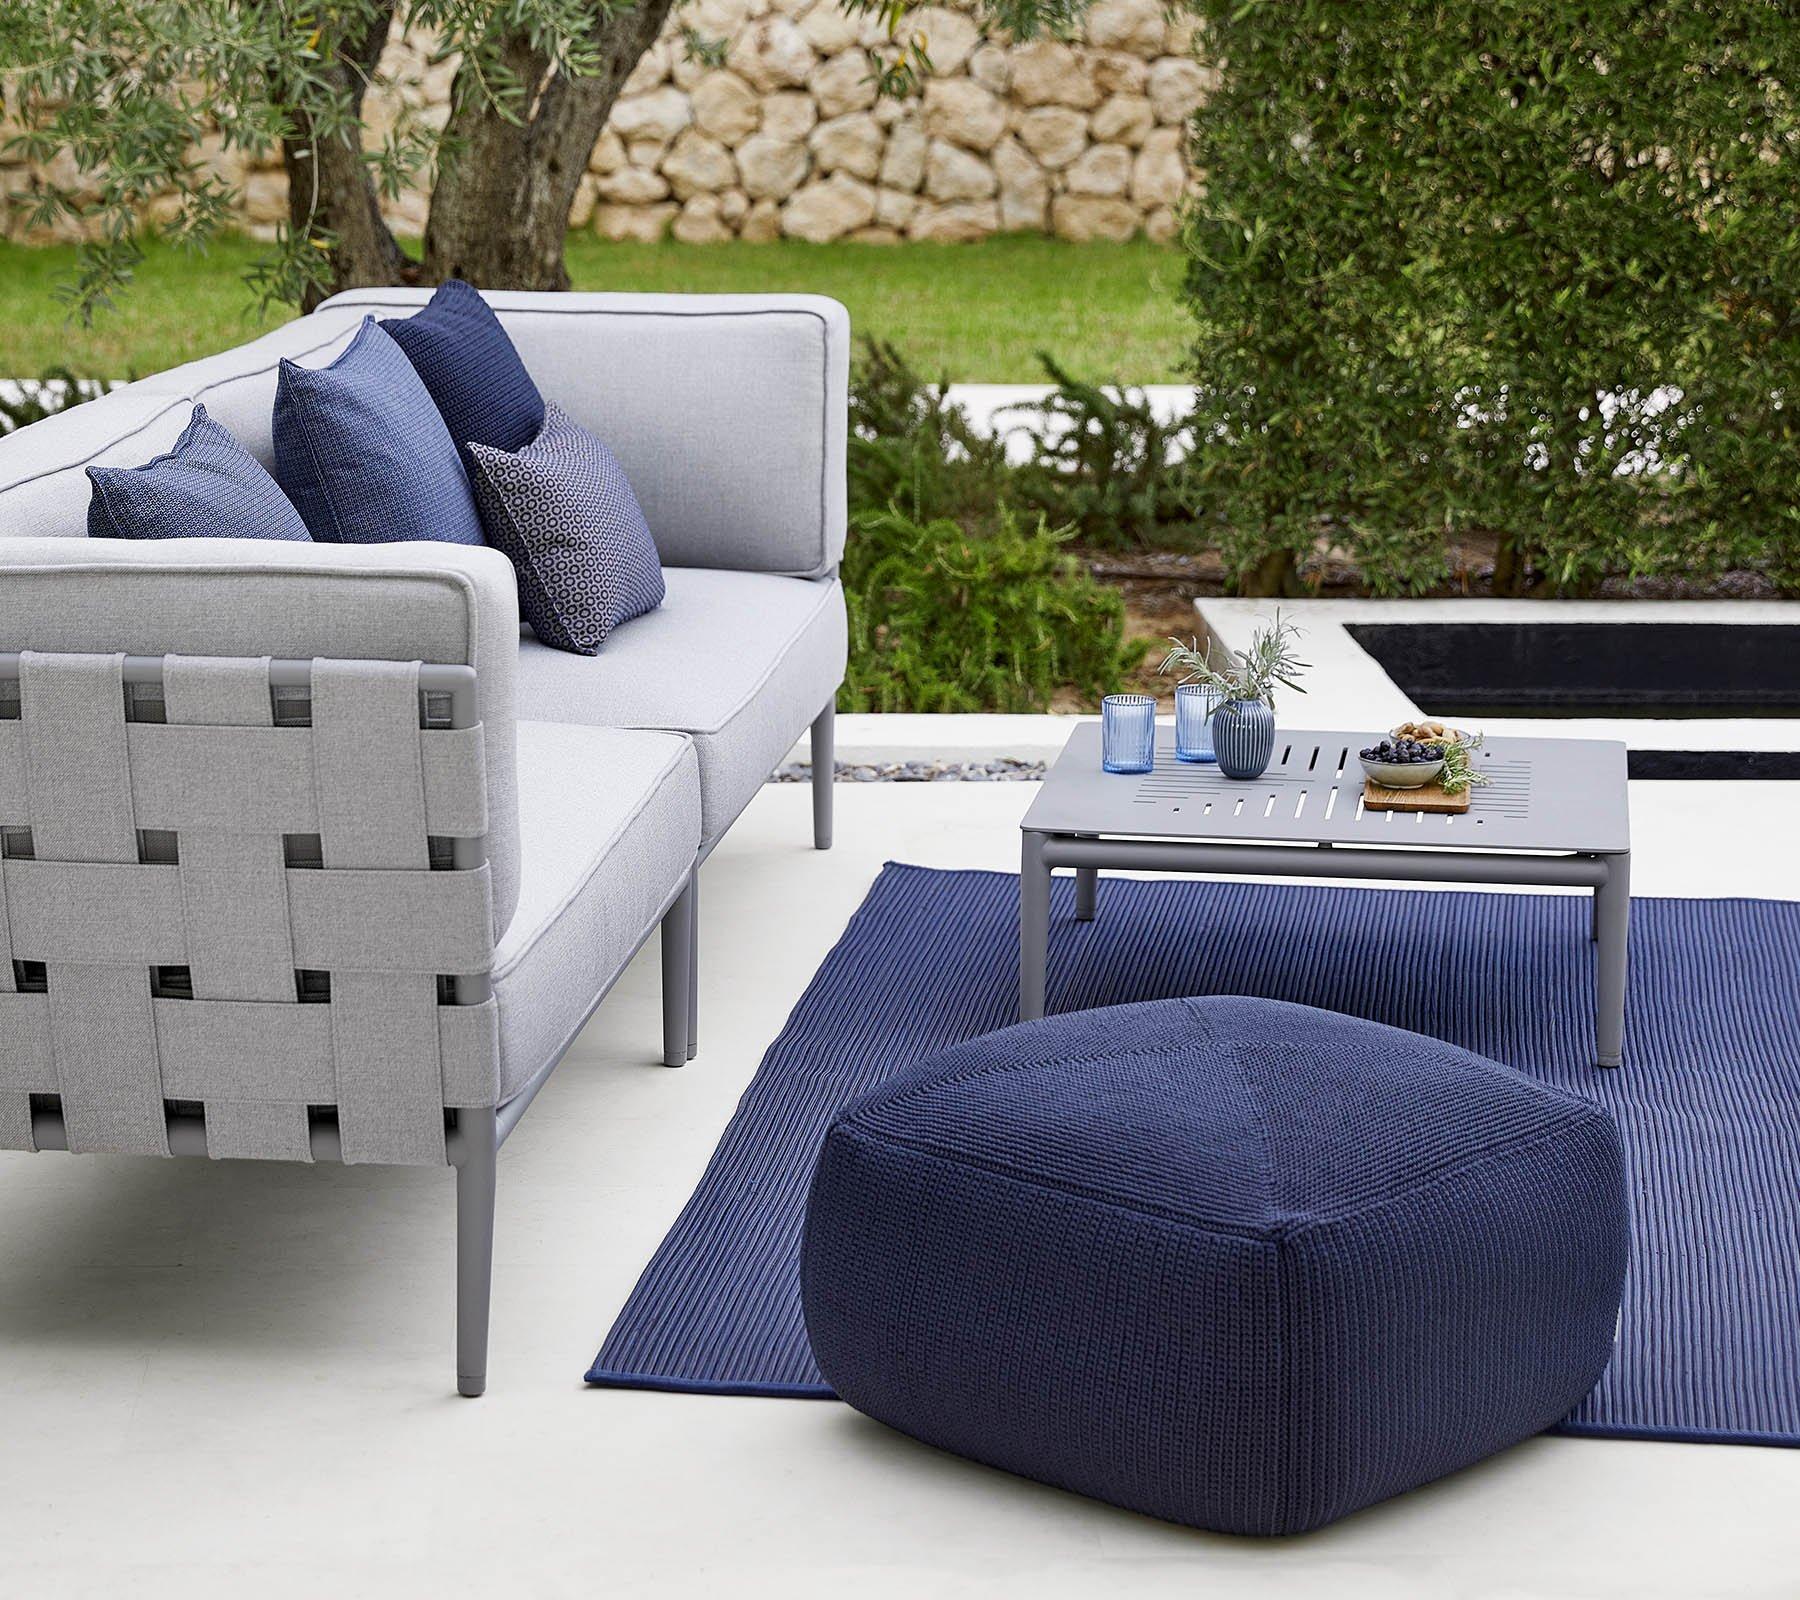 Garden Life Outdoor Living – 'Conic' Lounge és kültéri kiegészítők